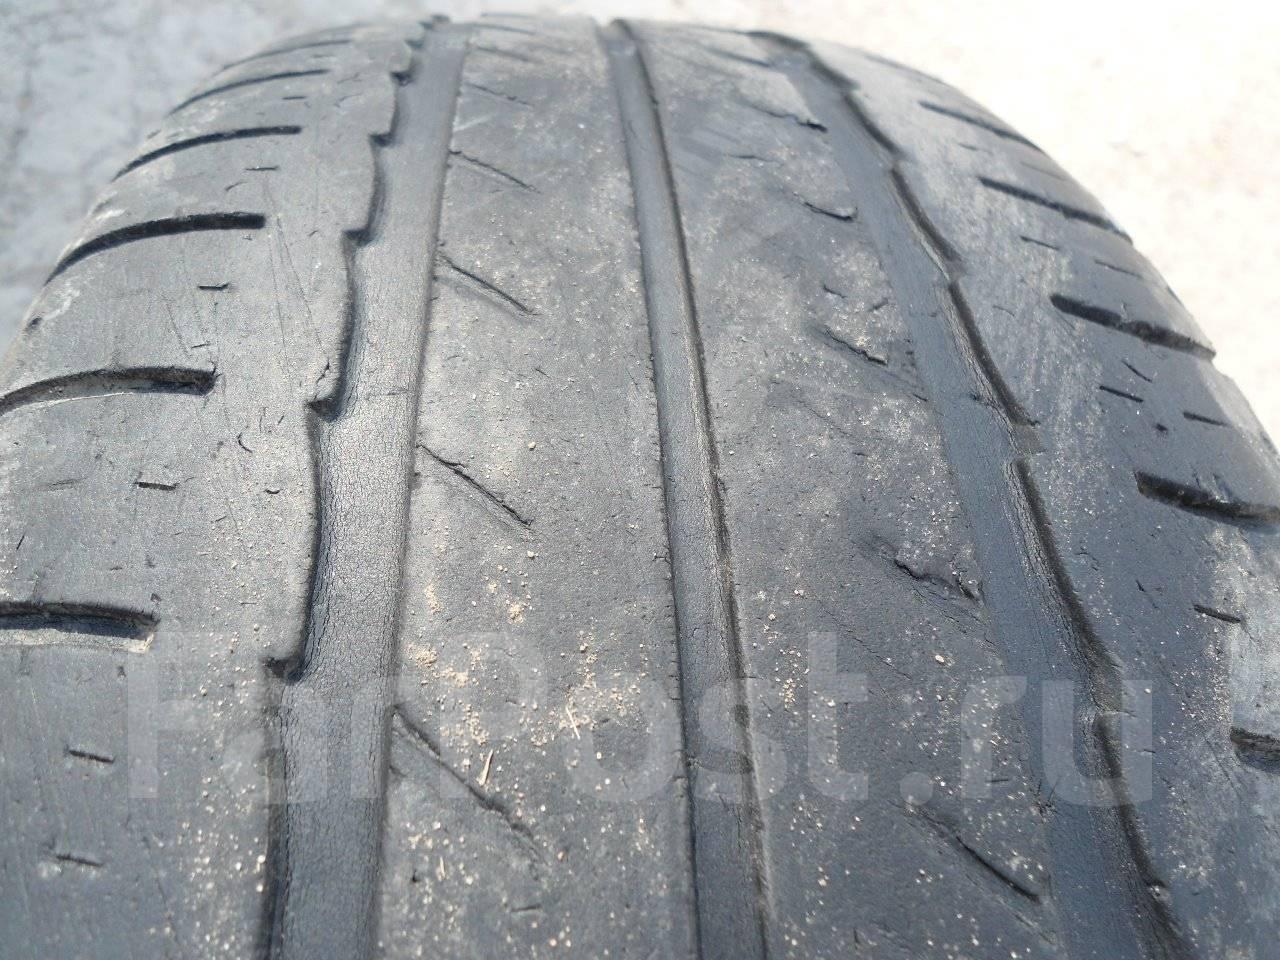 Купить в спб летние шины мр-82_conquerra_2 r18 купить в питер автошины кама 235/75р17.5